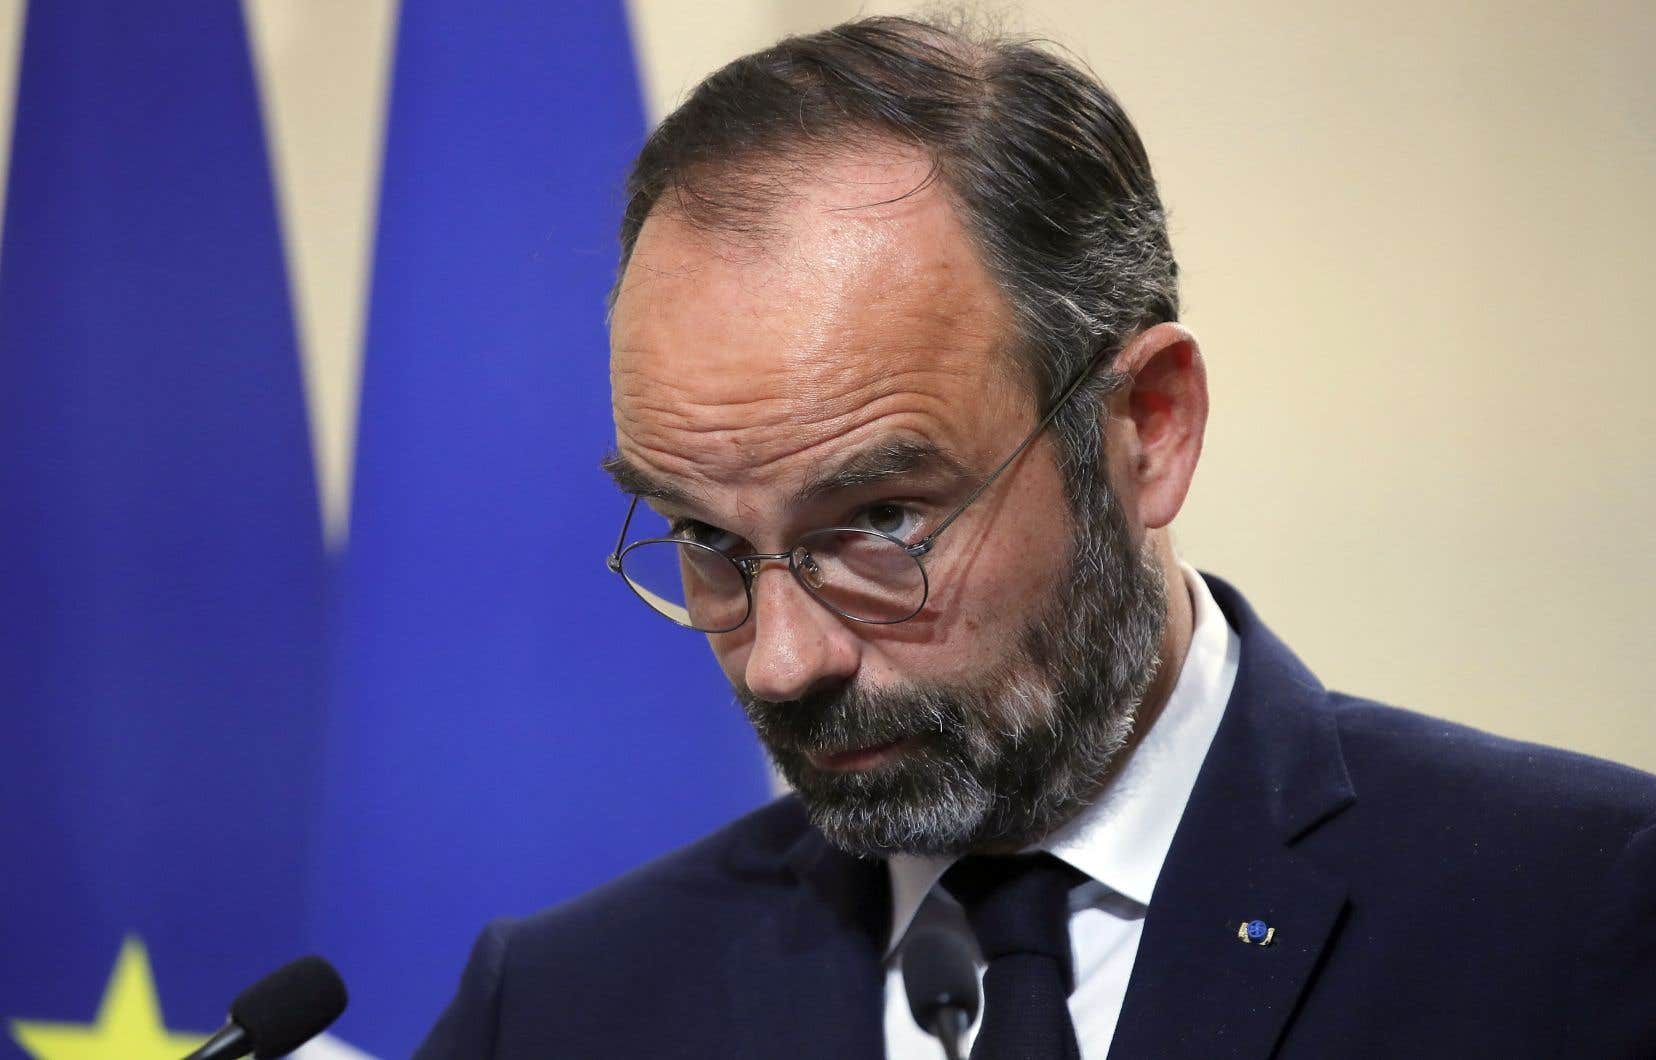 Les vingt mesures déposées la semaine dernière par le premier ministre de la France, Édouard Philippe, ont été accueillies froidement par la plupart des observateurs.